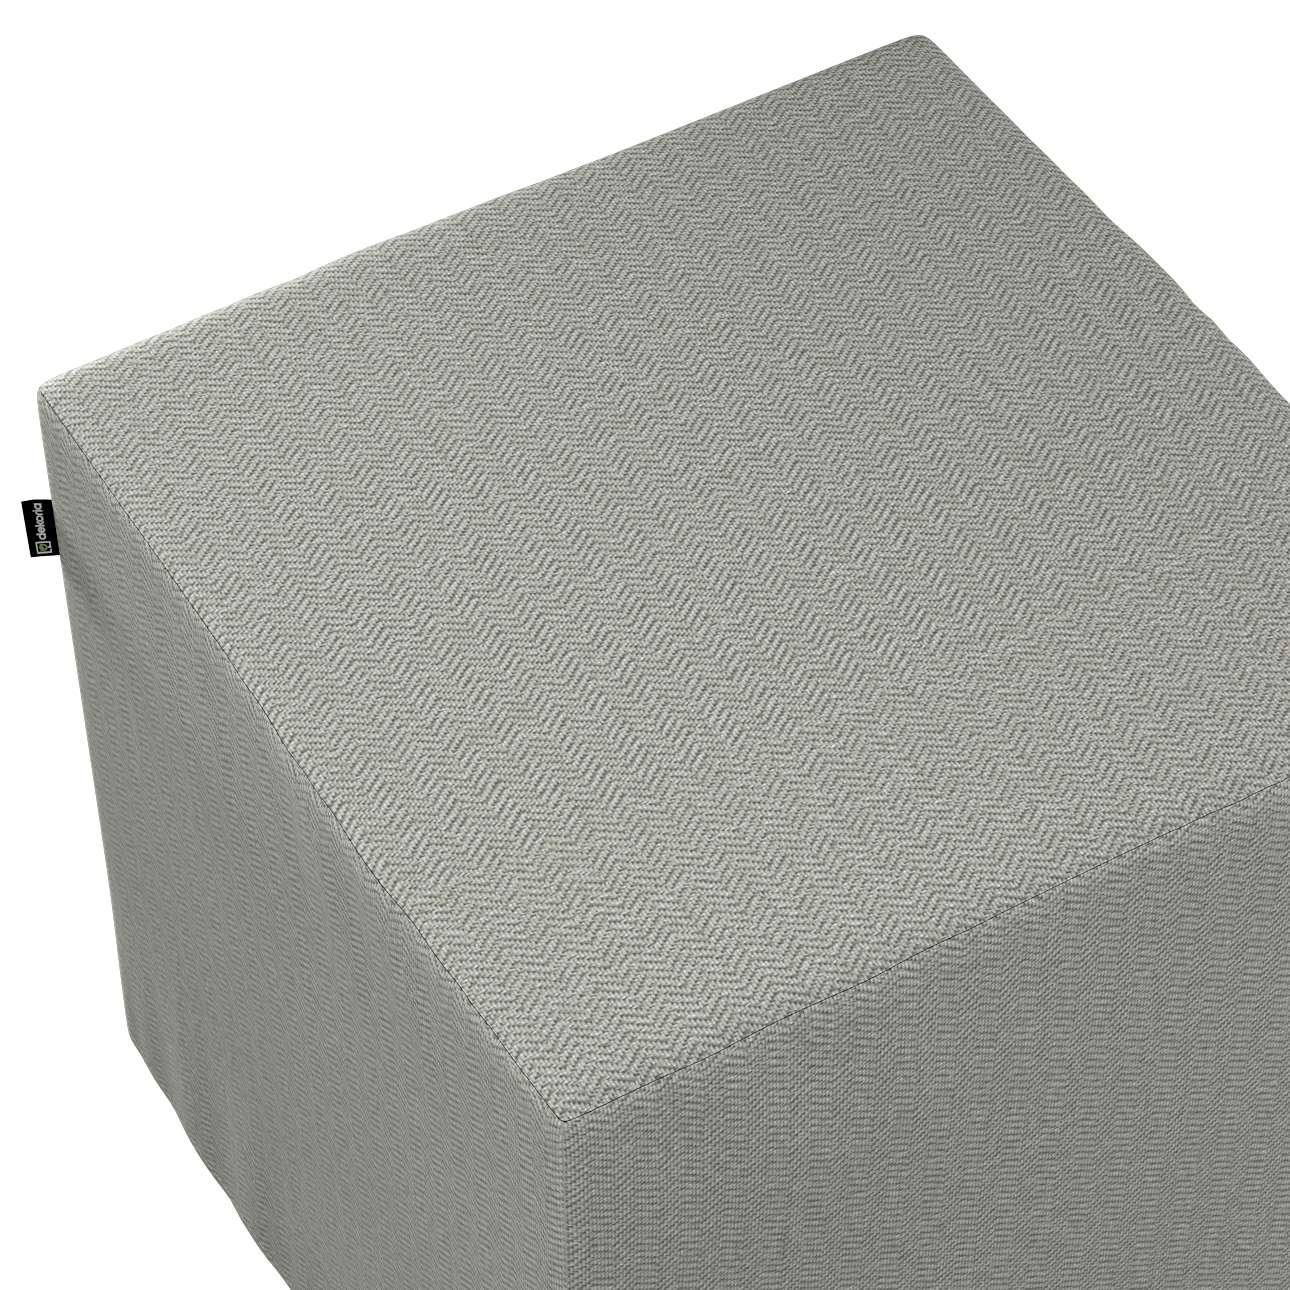 Bezug für Sitzwürfel von der Kollektion Bergen, Stoff: 161-83